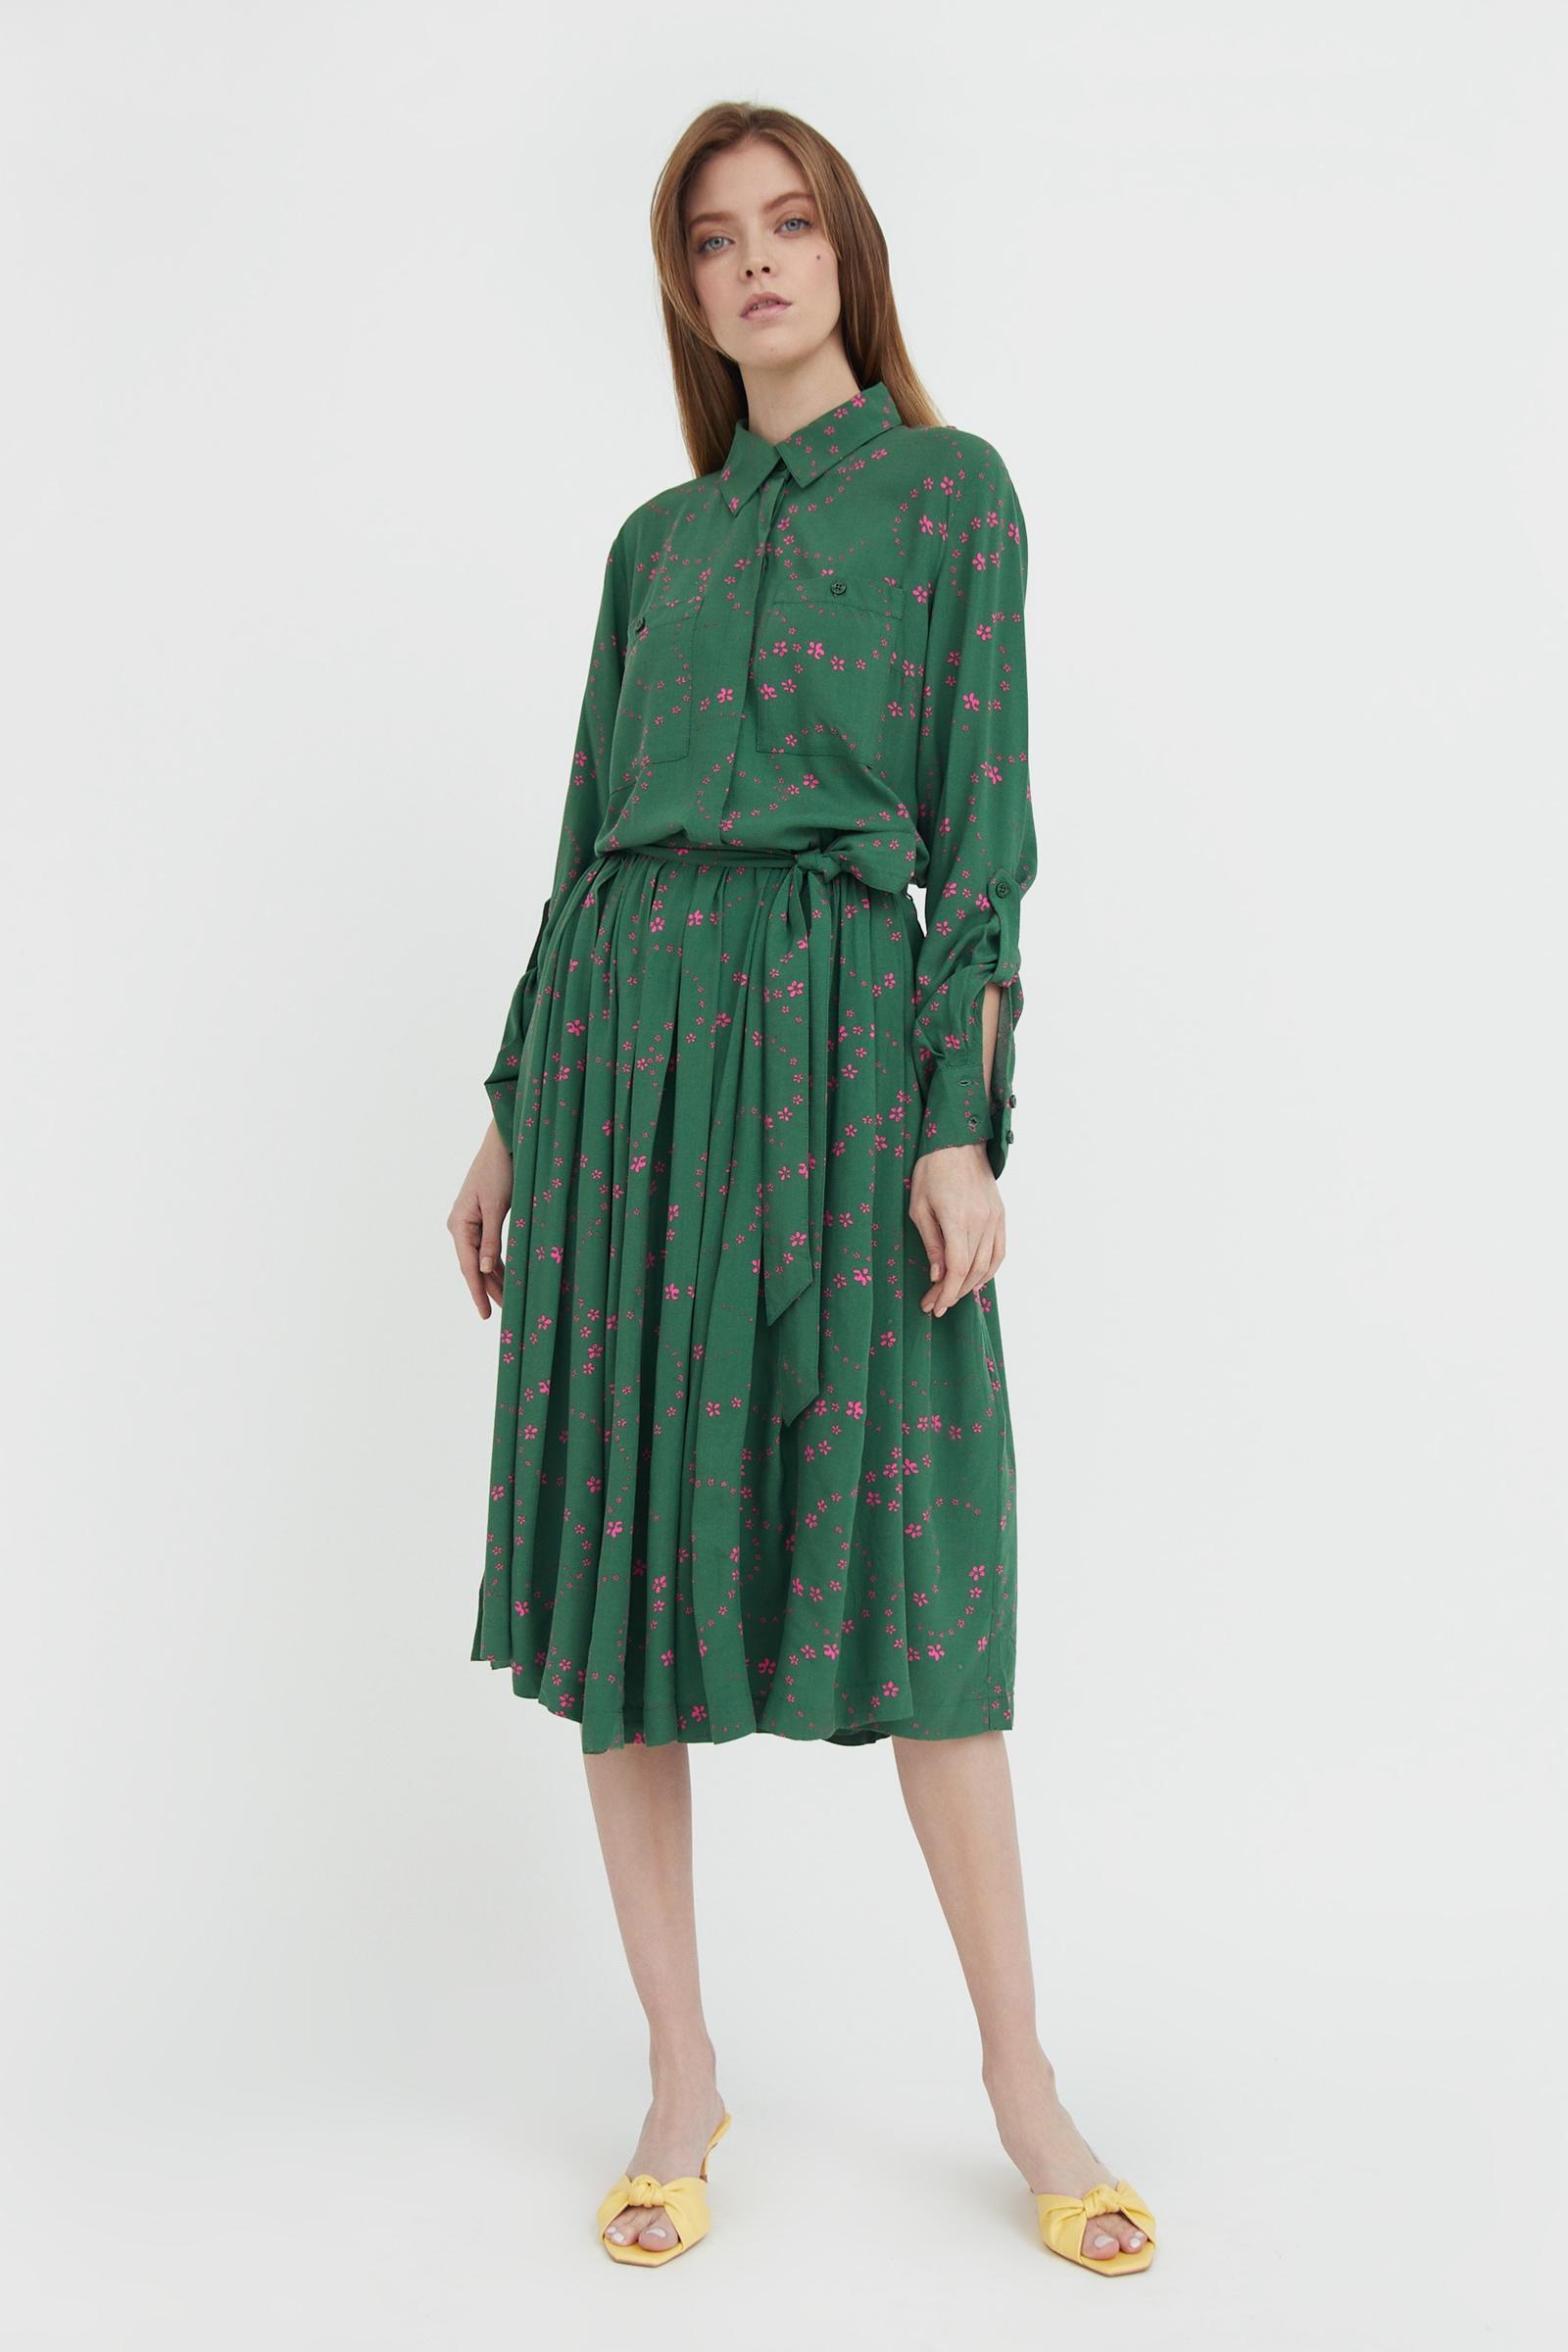 finn flare -  Jerseykleid, mit ausgestelltem Rockteil